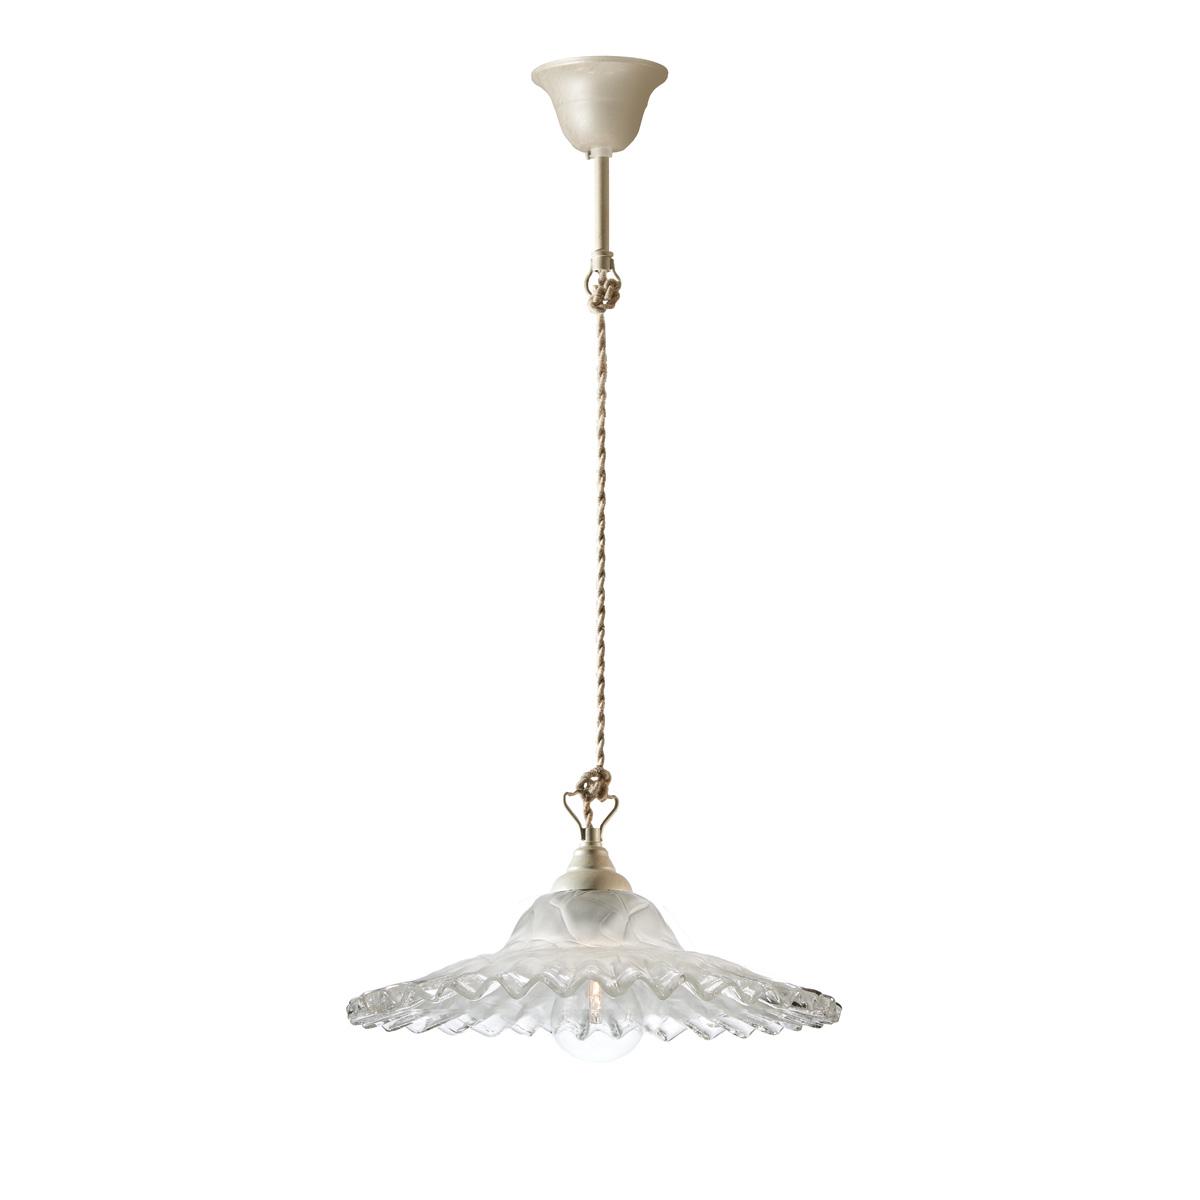 Ρουστίκ μονόφωτο ΣΥΡΟΣ rustic pendant lamp